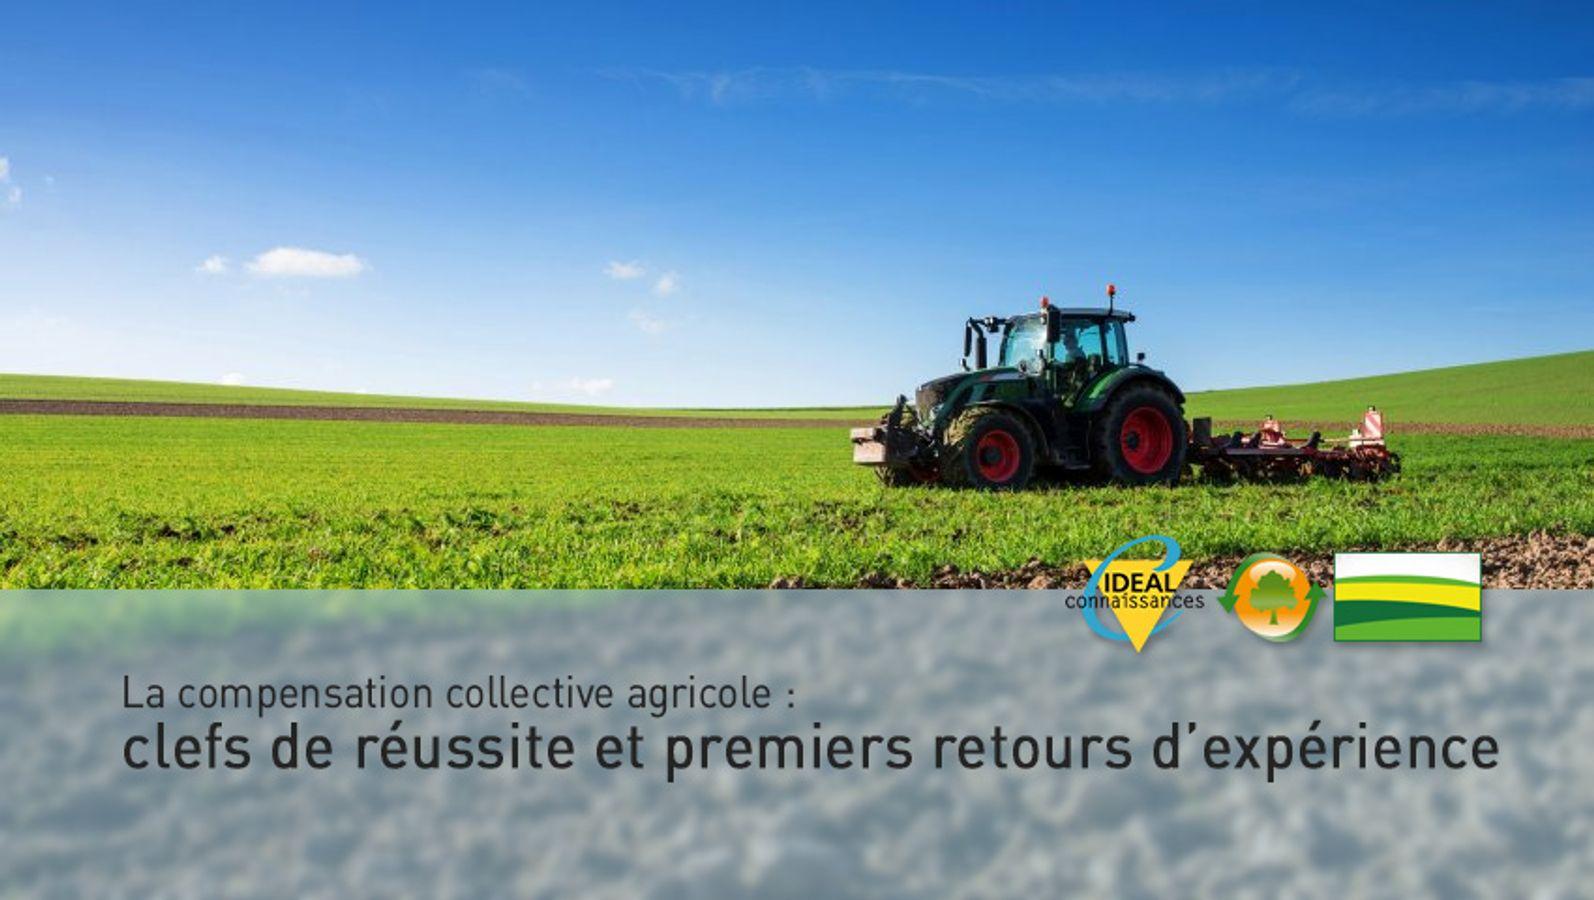 La compensation collective agricole : clefs de réussite et premiers retours d'expérience.